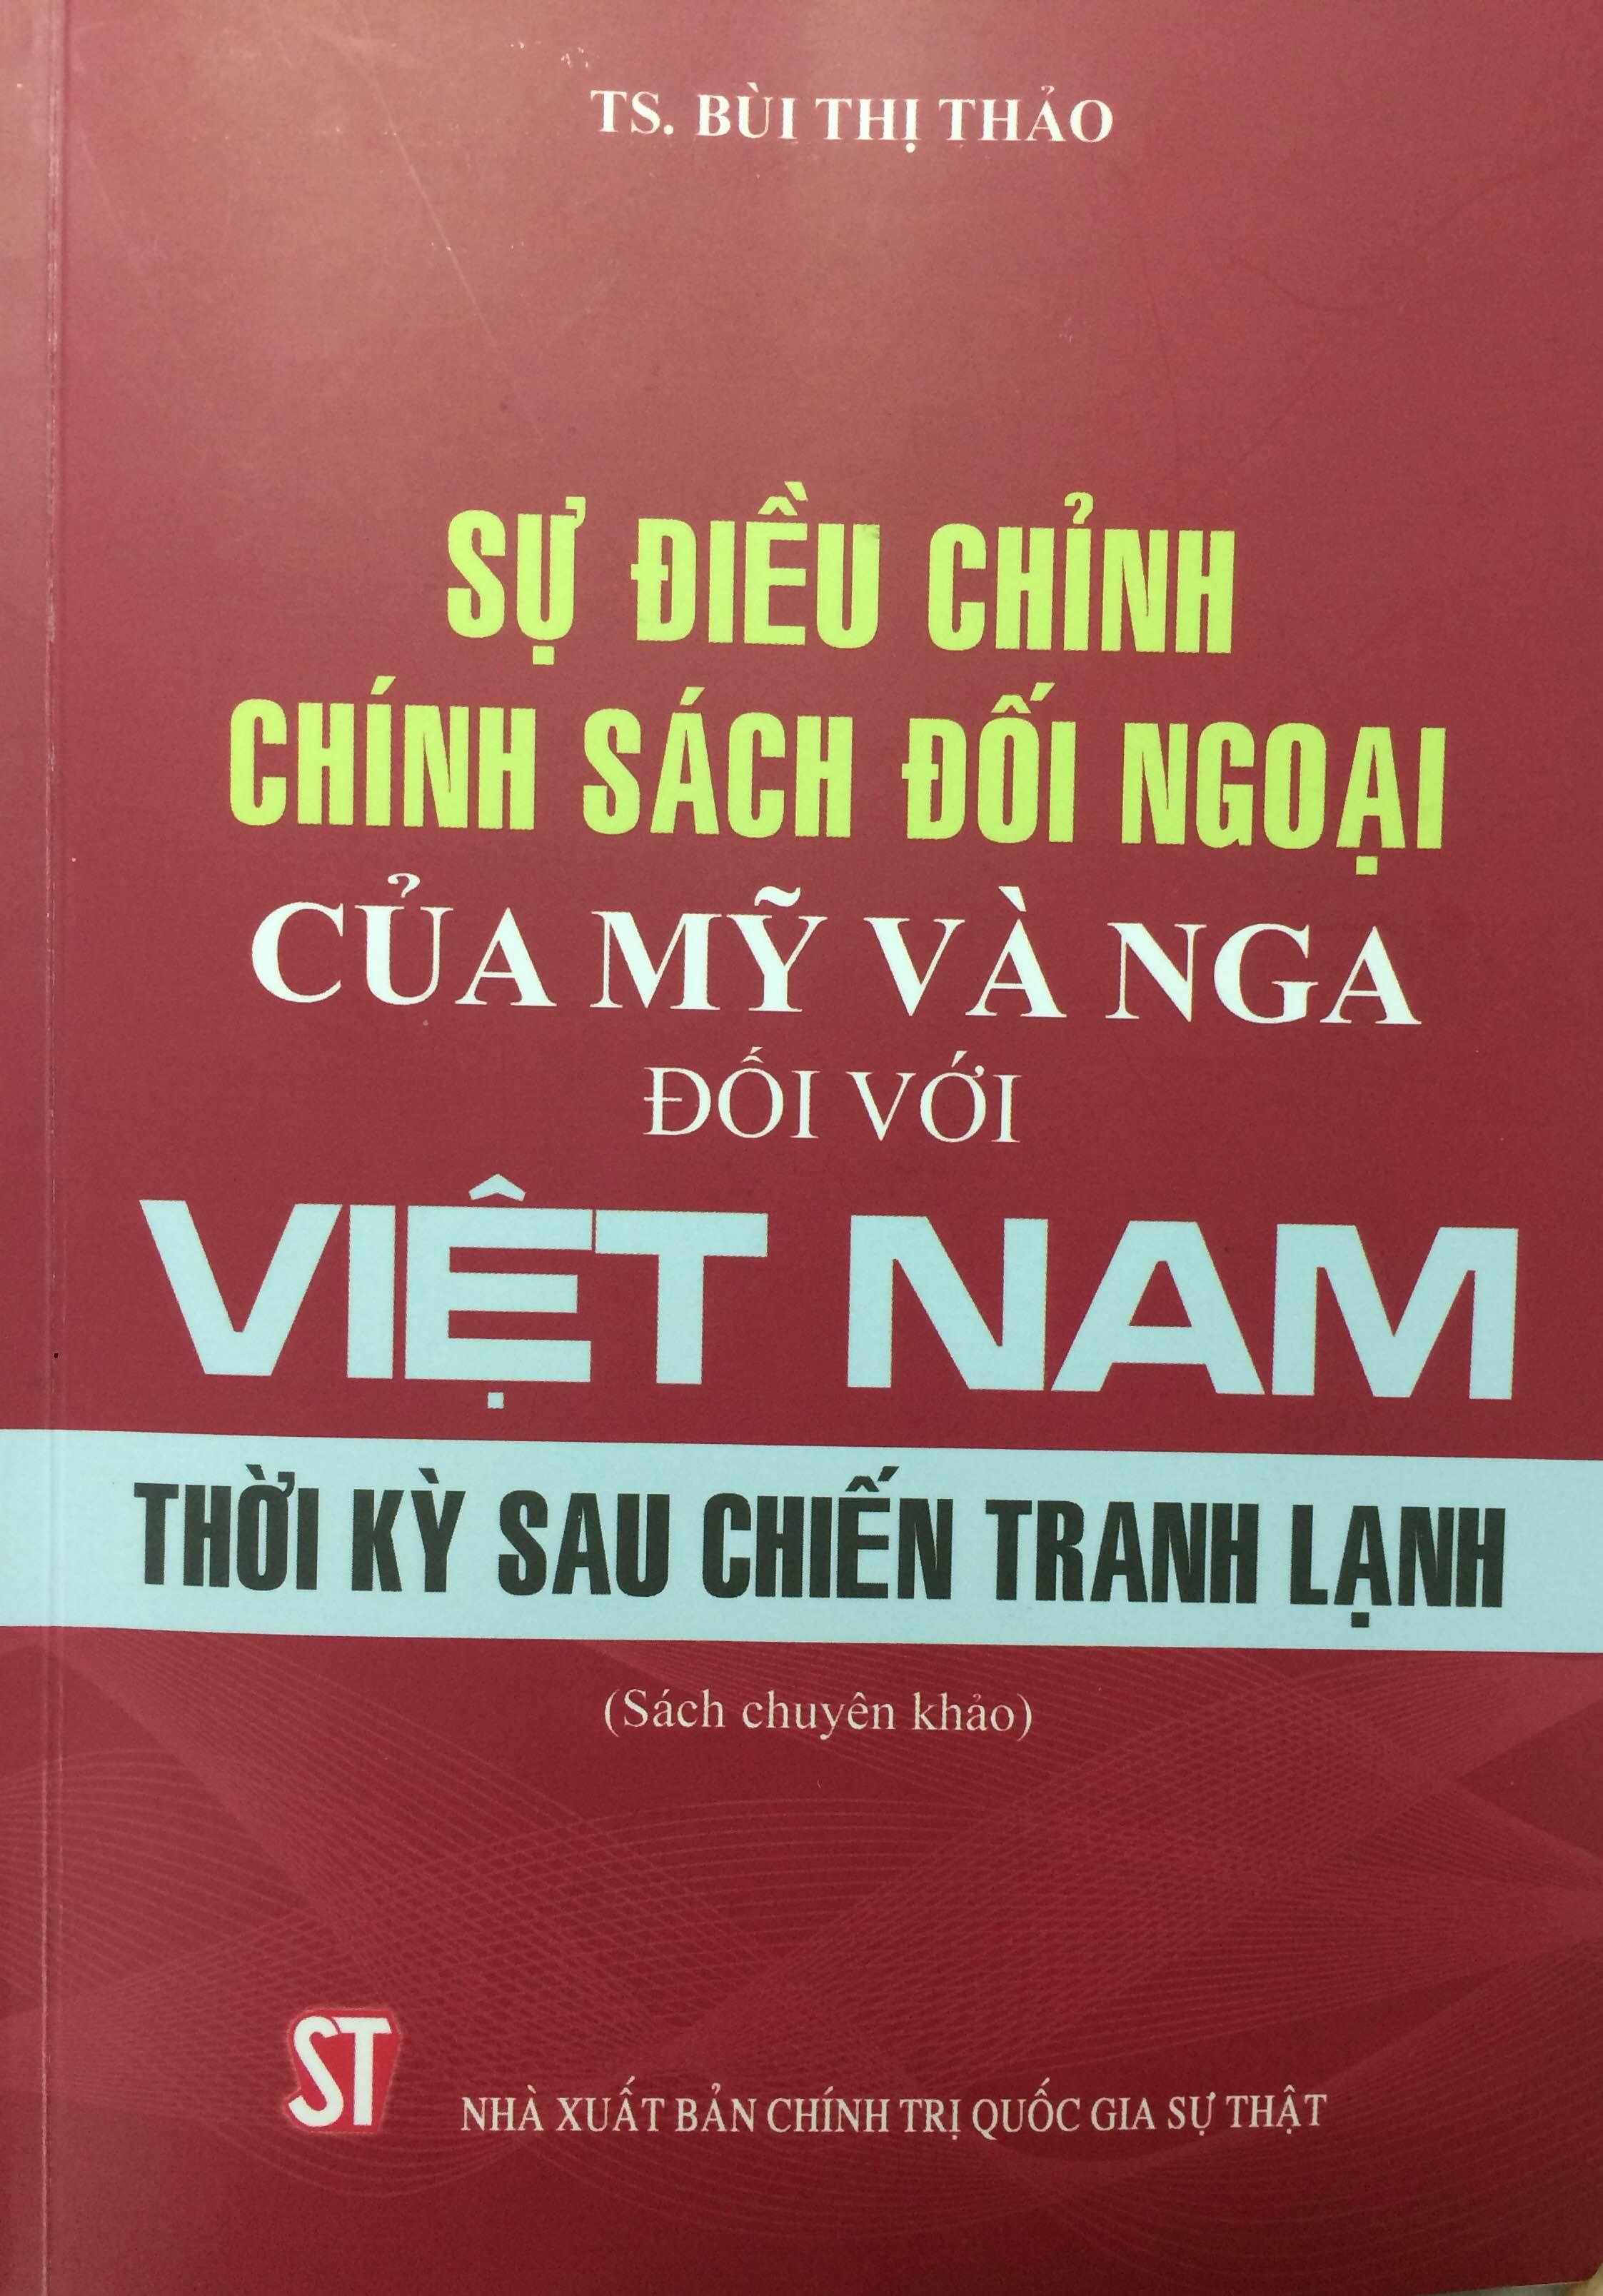 Sự điều chỉnh chính sách đối ngoại của Mỹ và Nga đối với Việt Nam thời kỳ sau Chiến tranh lạnh